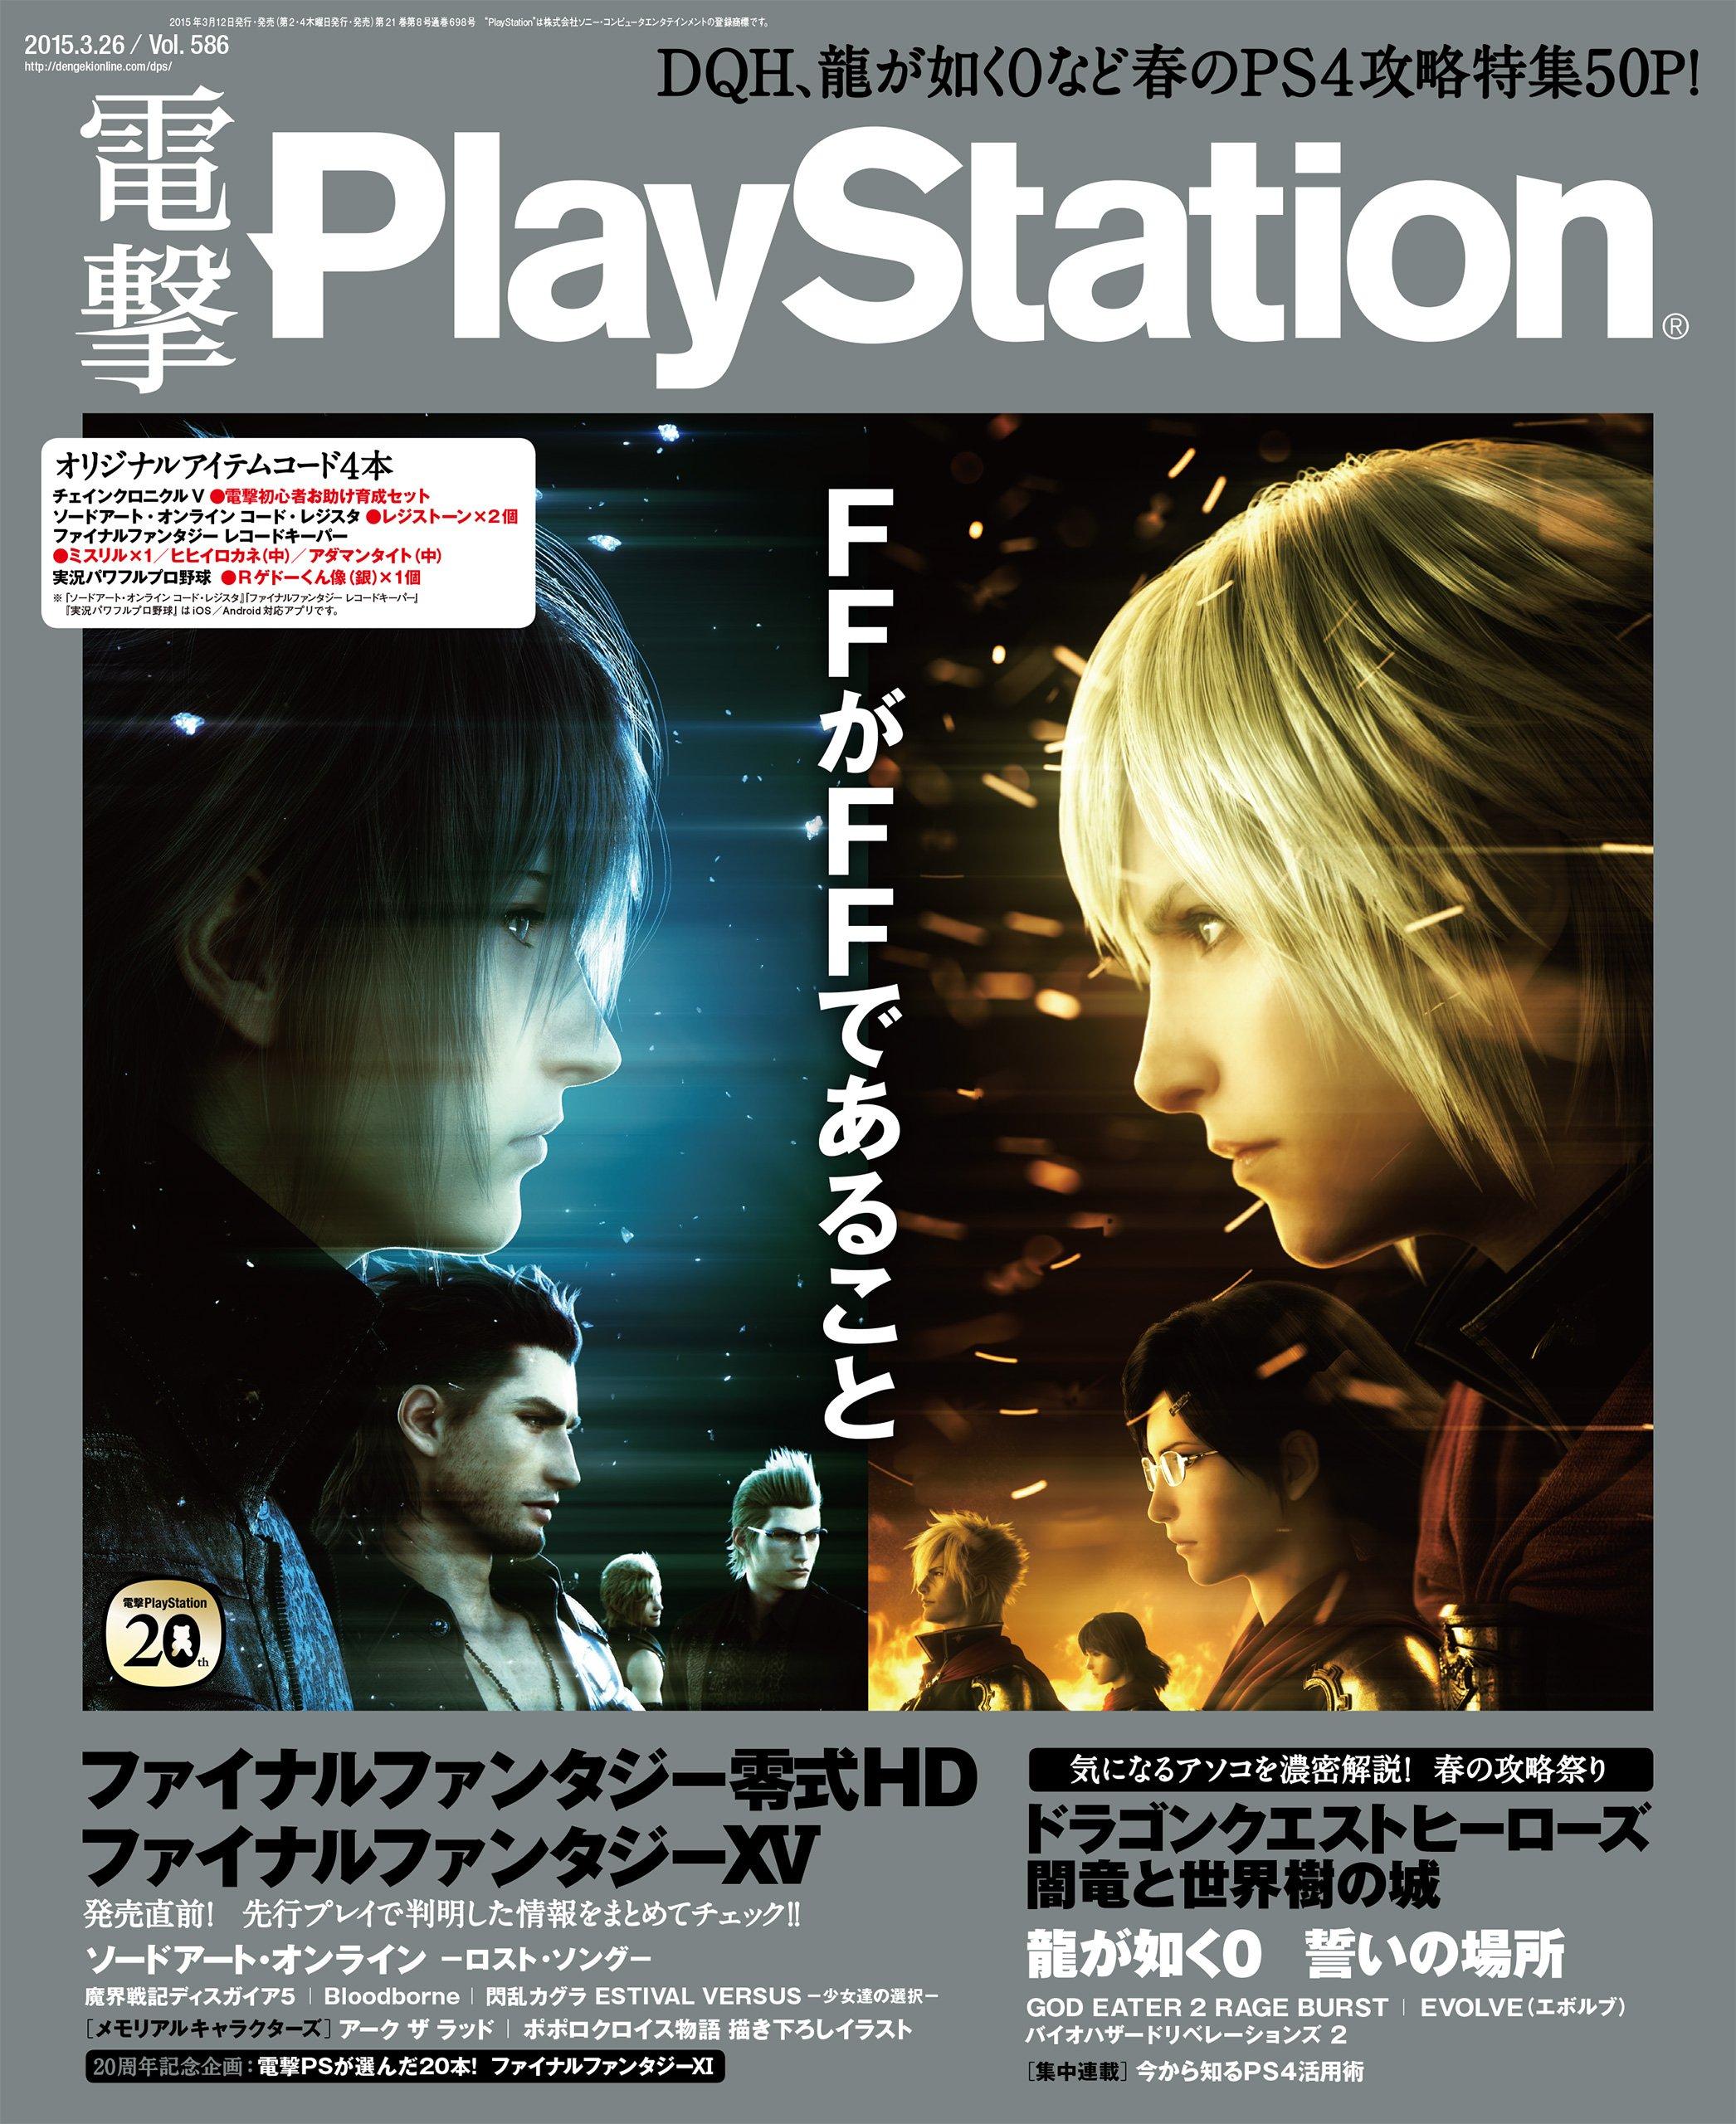 Dengeki PlayStation 586 (March 26, 2015)